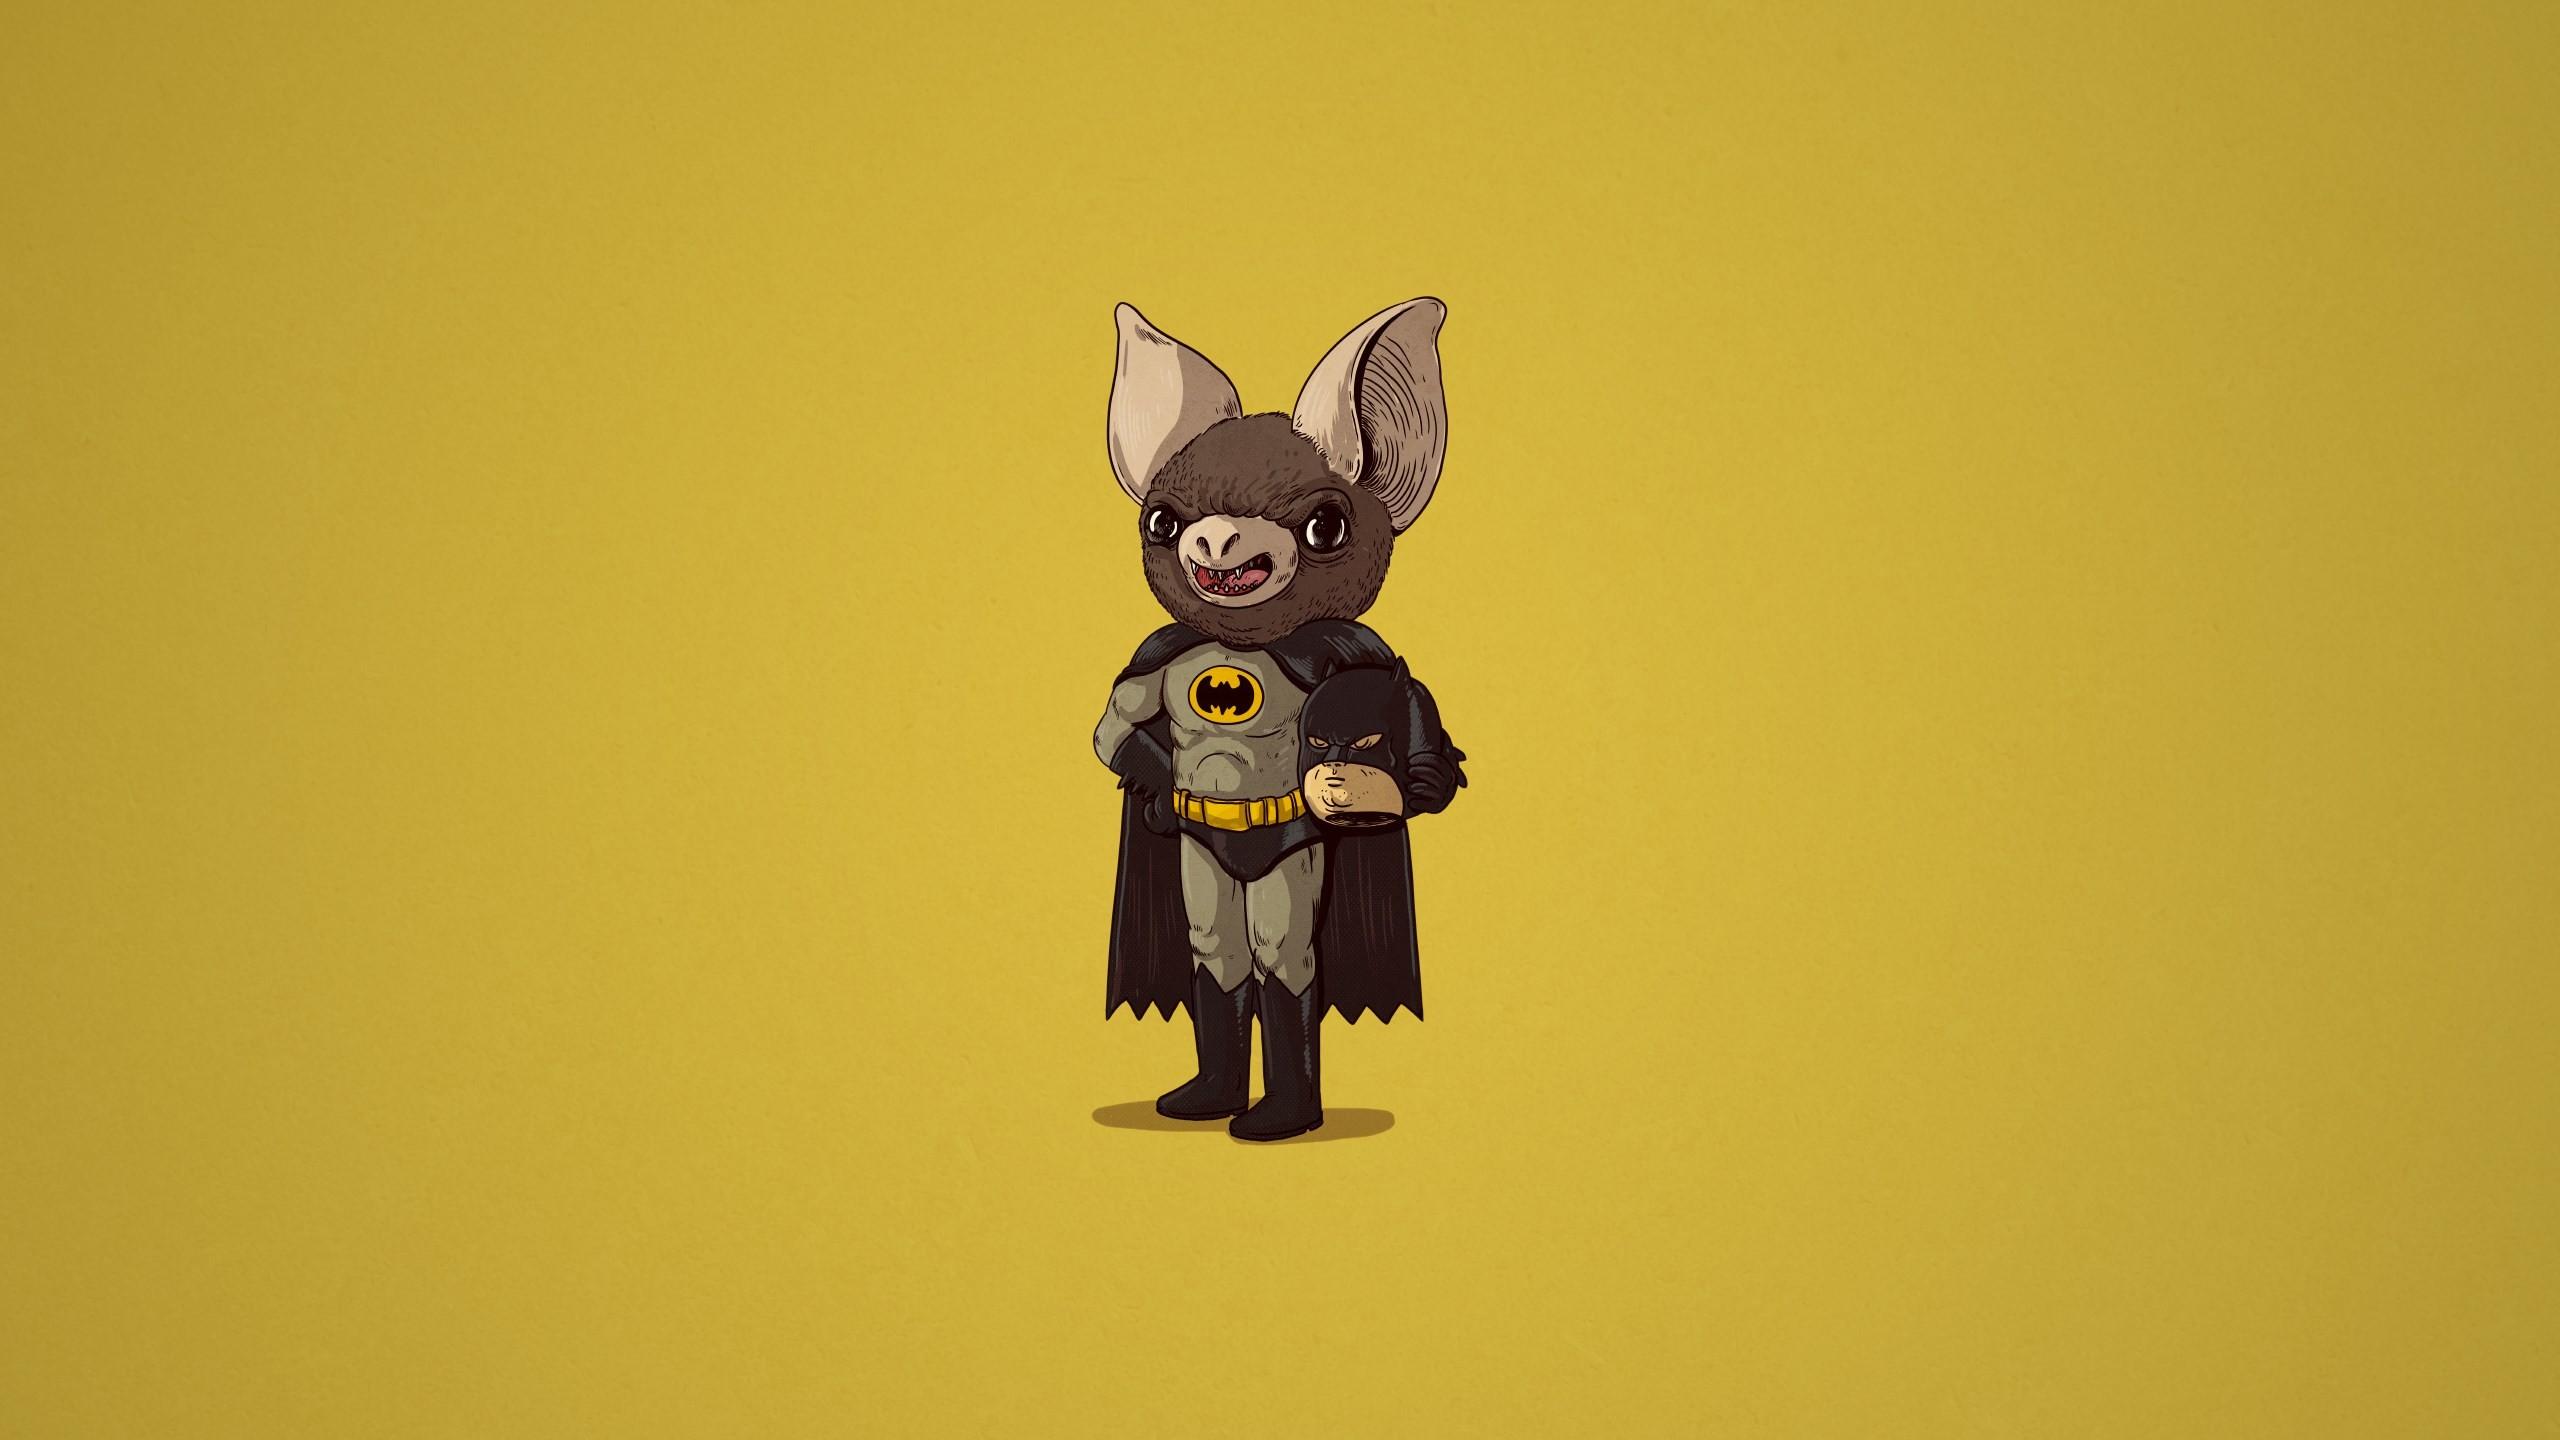 free screensaver wallpapers for batman